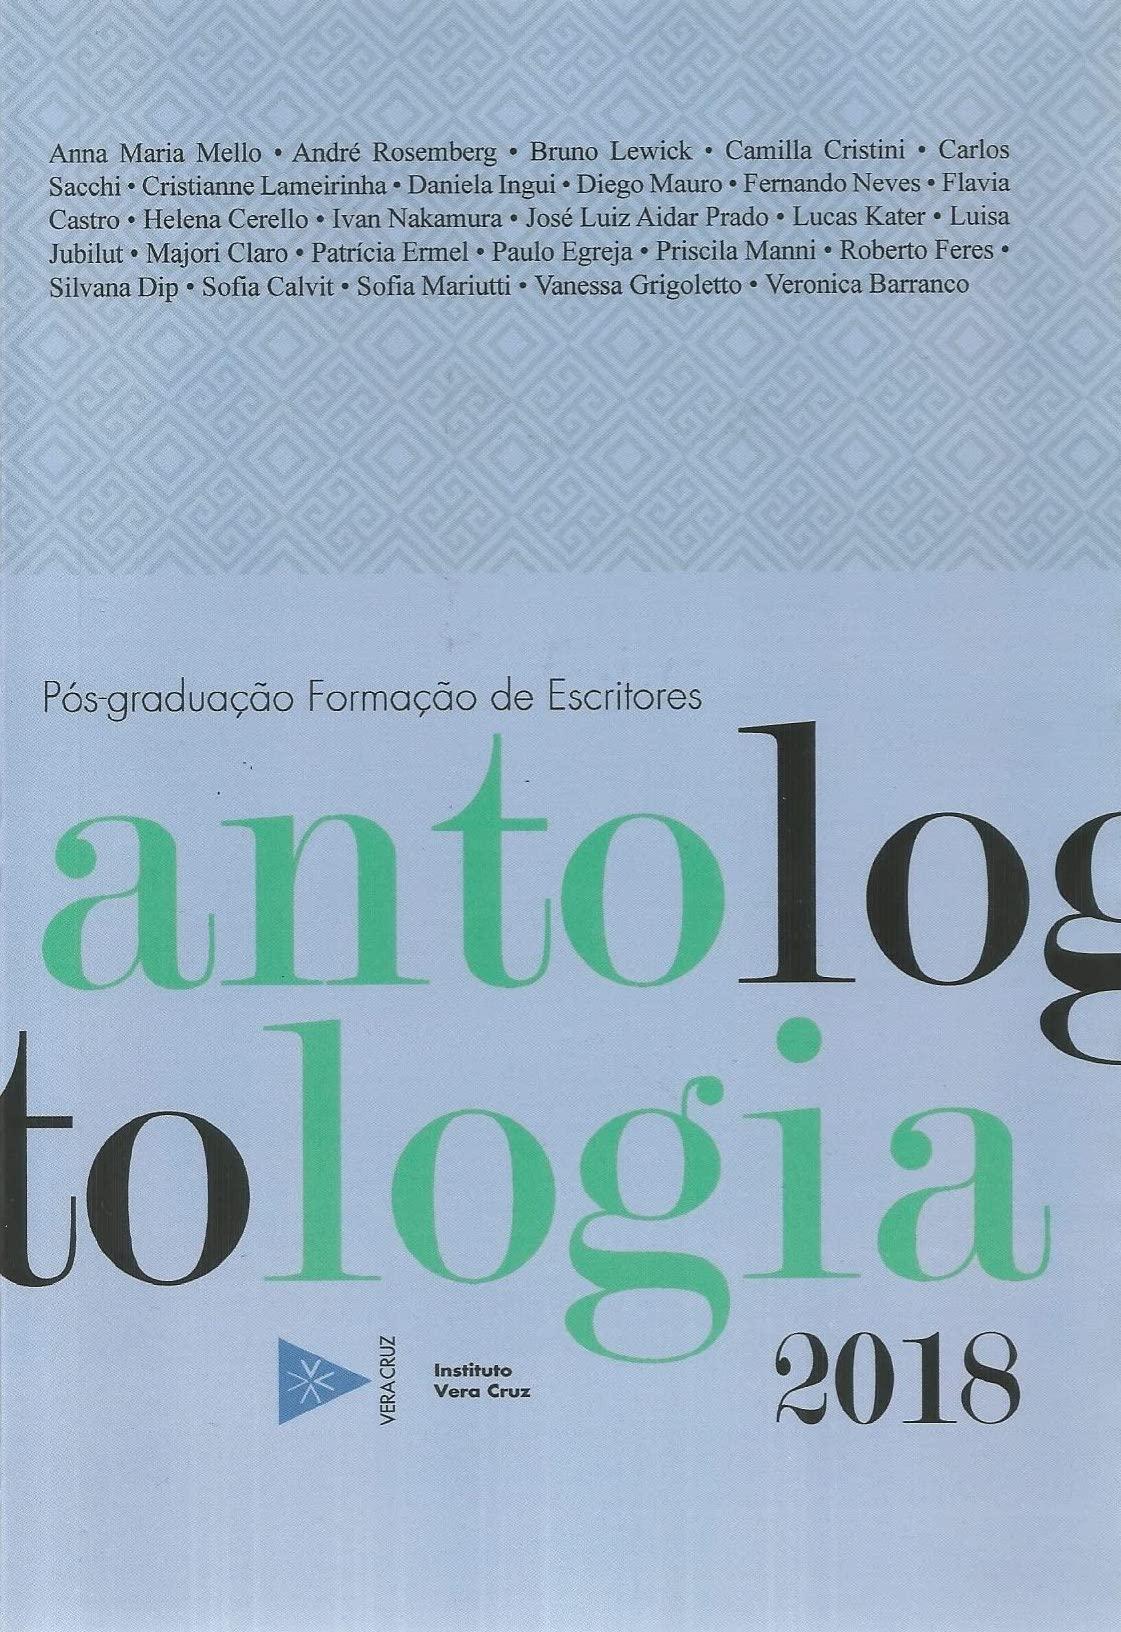 Antologia de Contos, 2018 - Anna Maria Mello